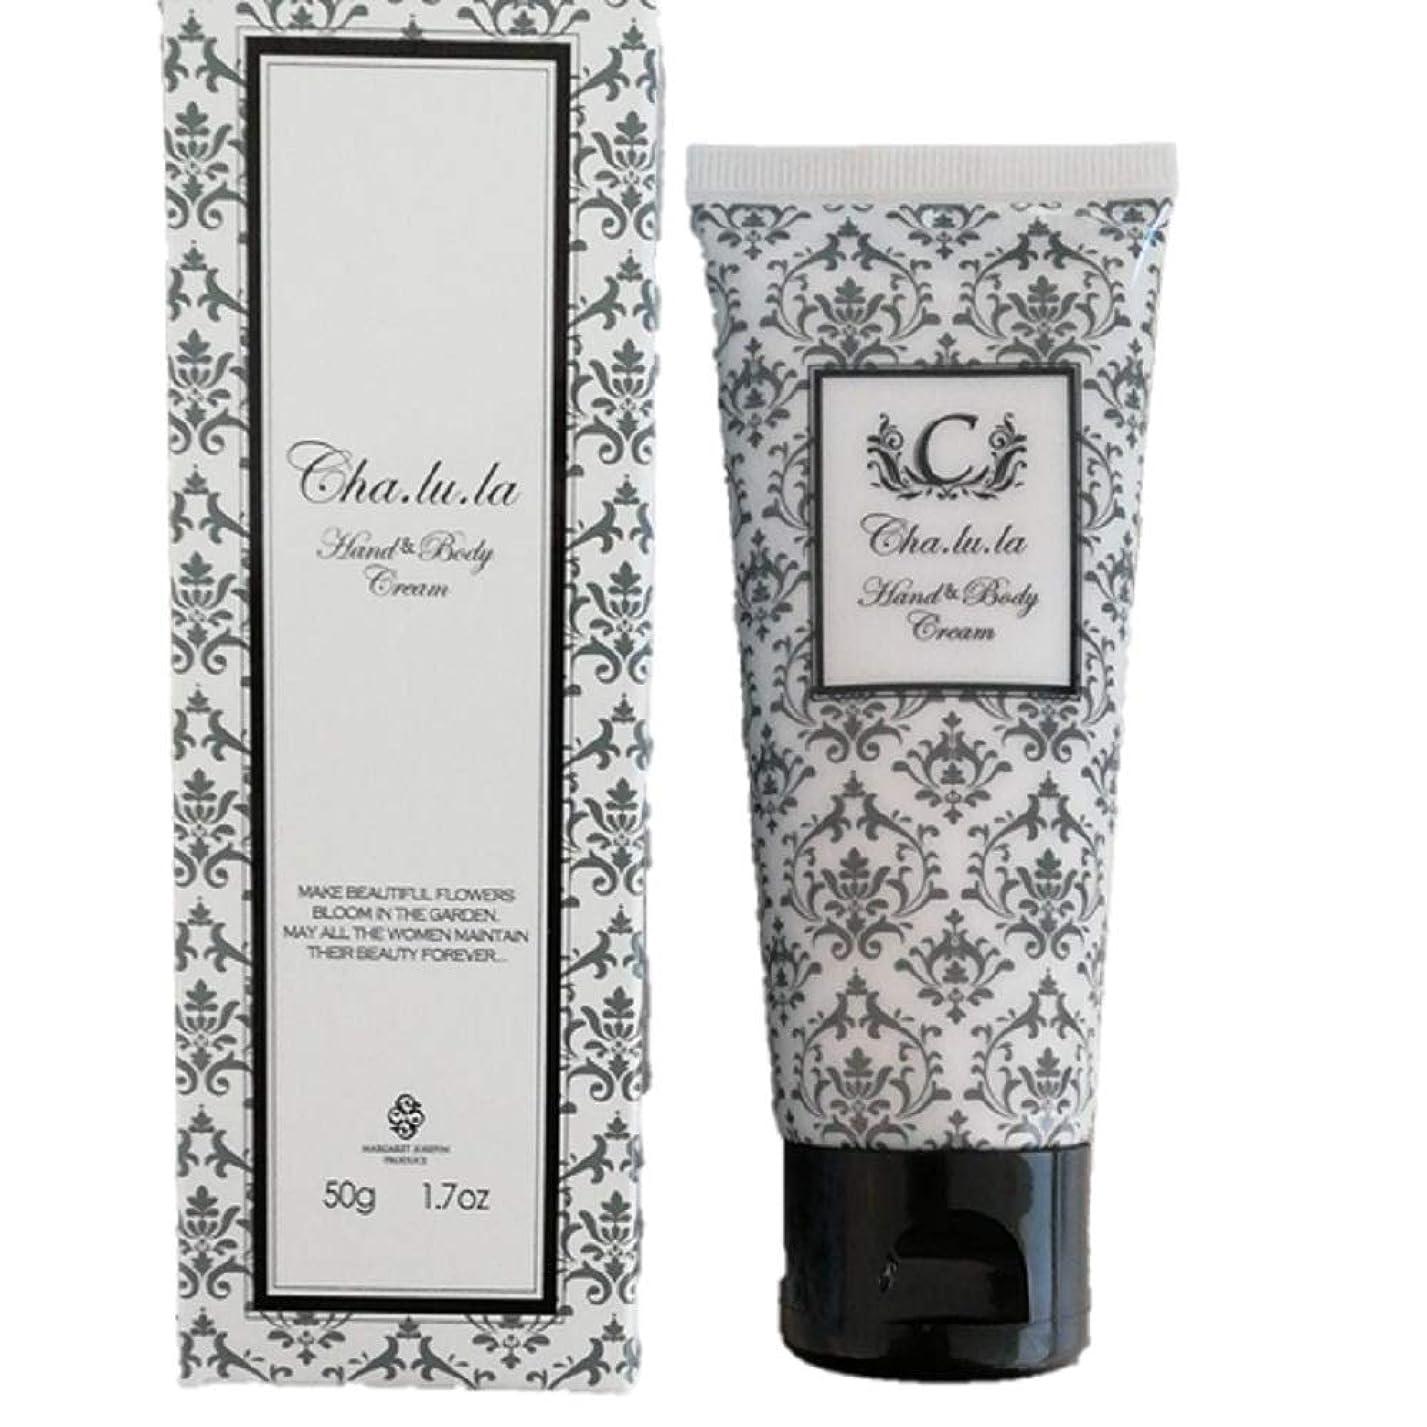 ひねり技術者ギャングシャルラ H&Bクリーム ノーブルブロッサムの香り ハンド&ボディークリーム 50g